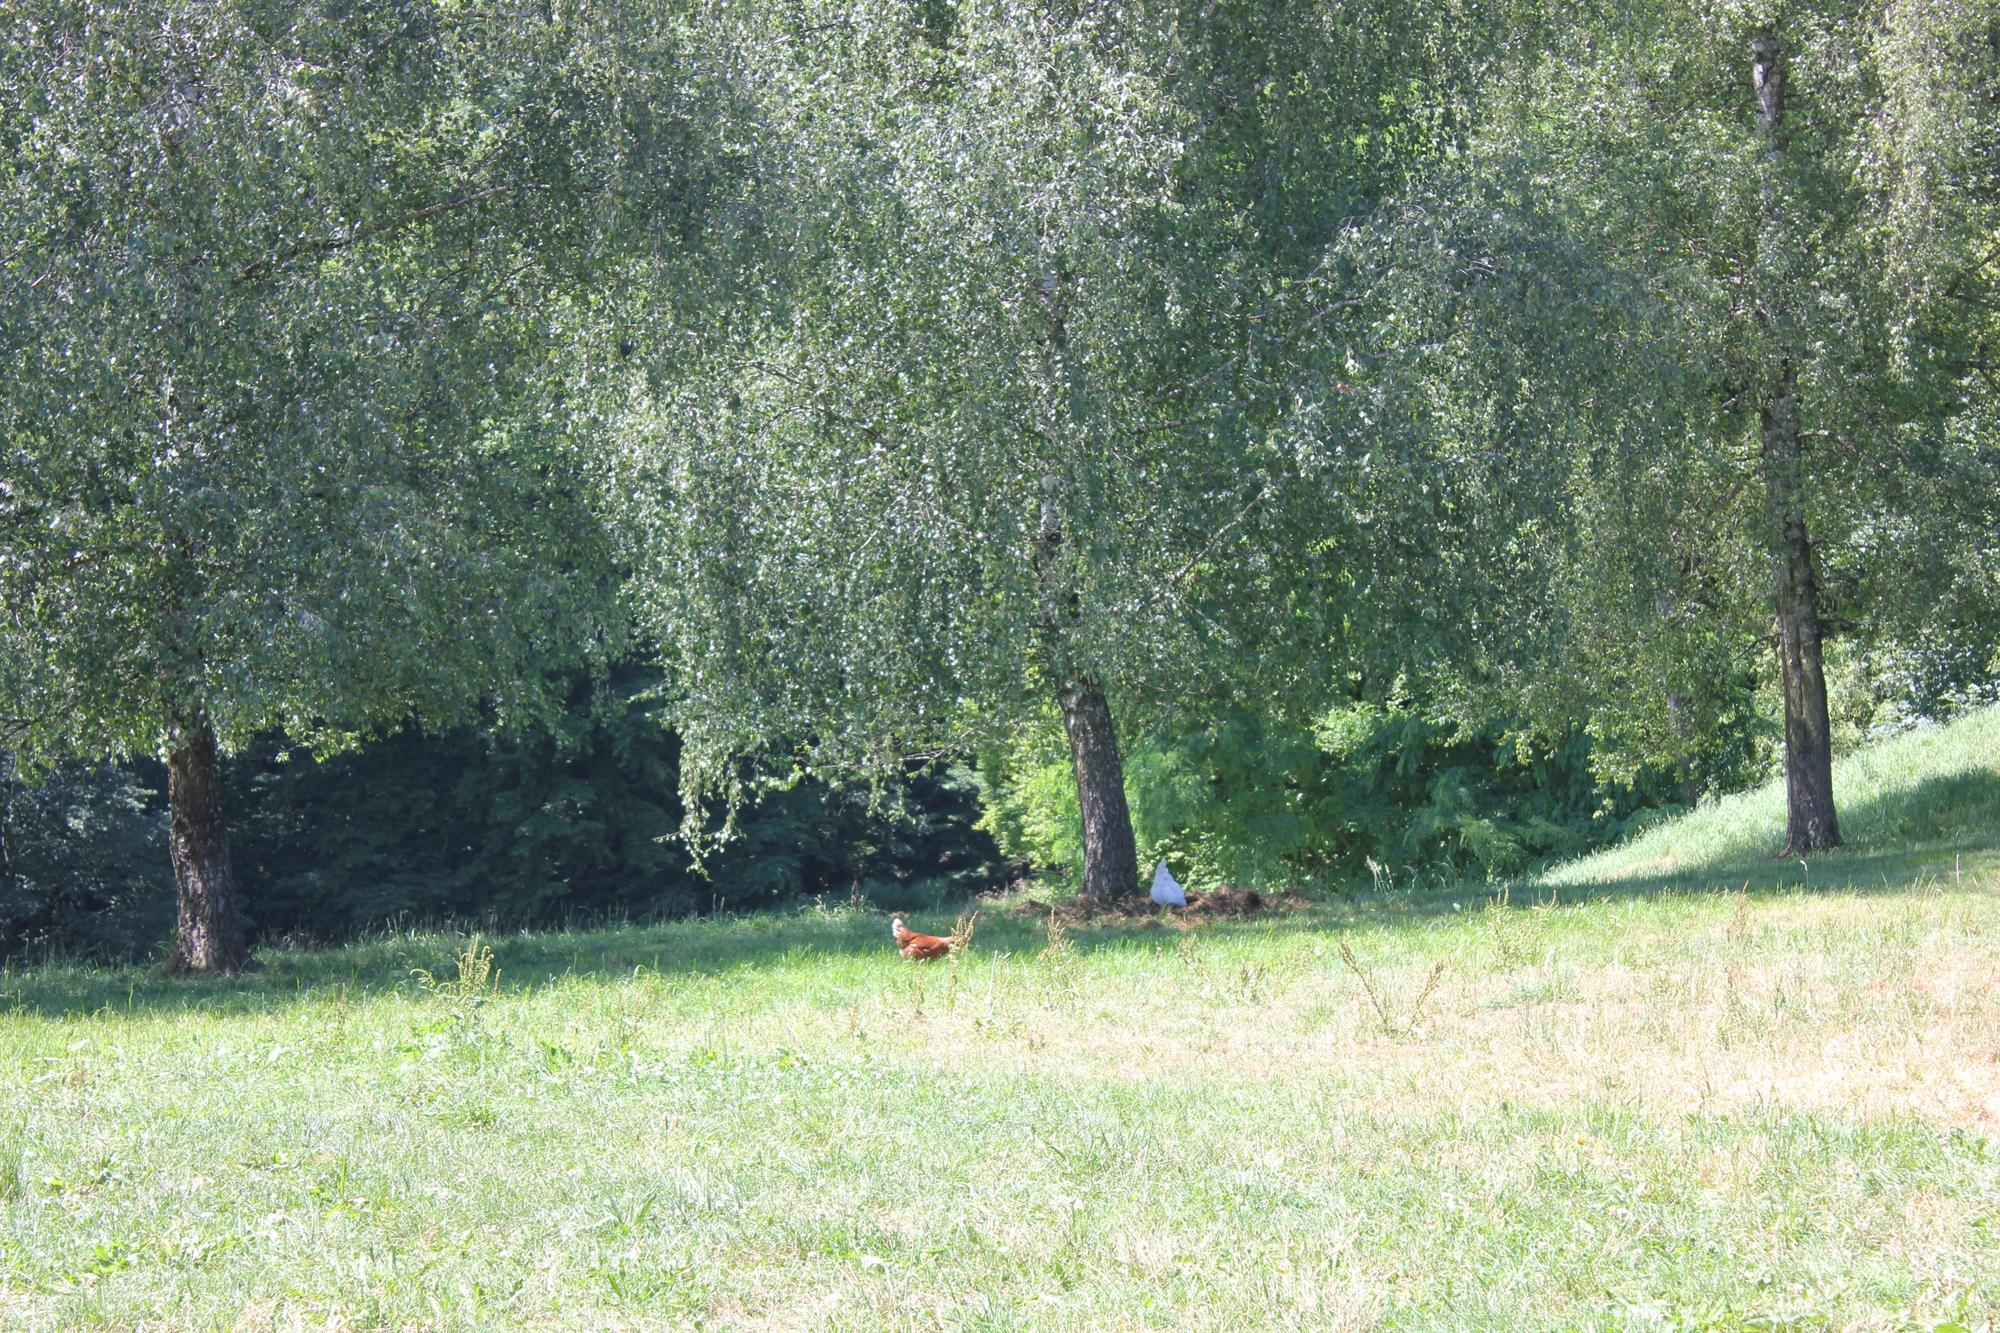 Freiheit für freilaufende Hühner, während der Mobilstall umgesetzt werden - Solidarische Hühnergemeinschaft Ravensburg